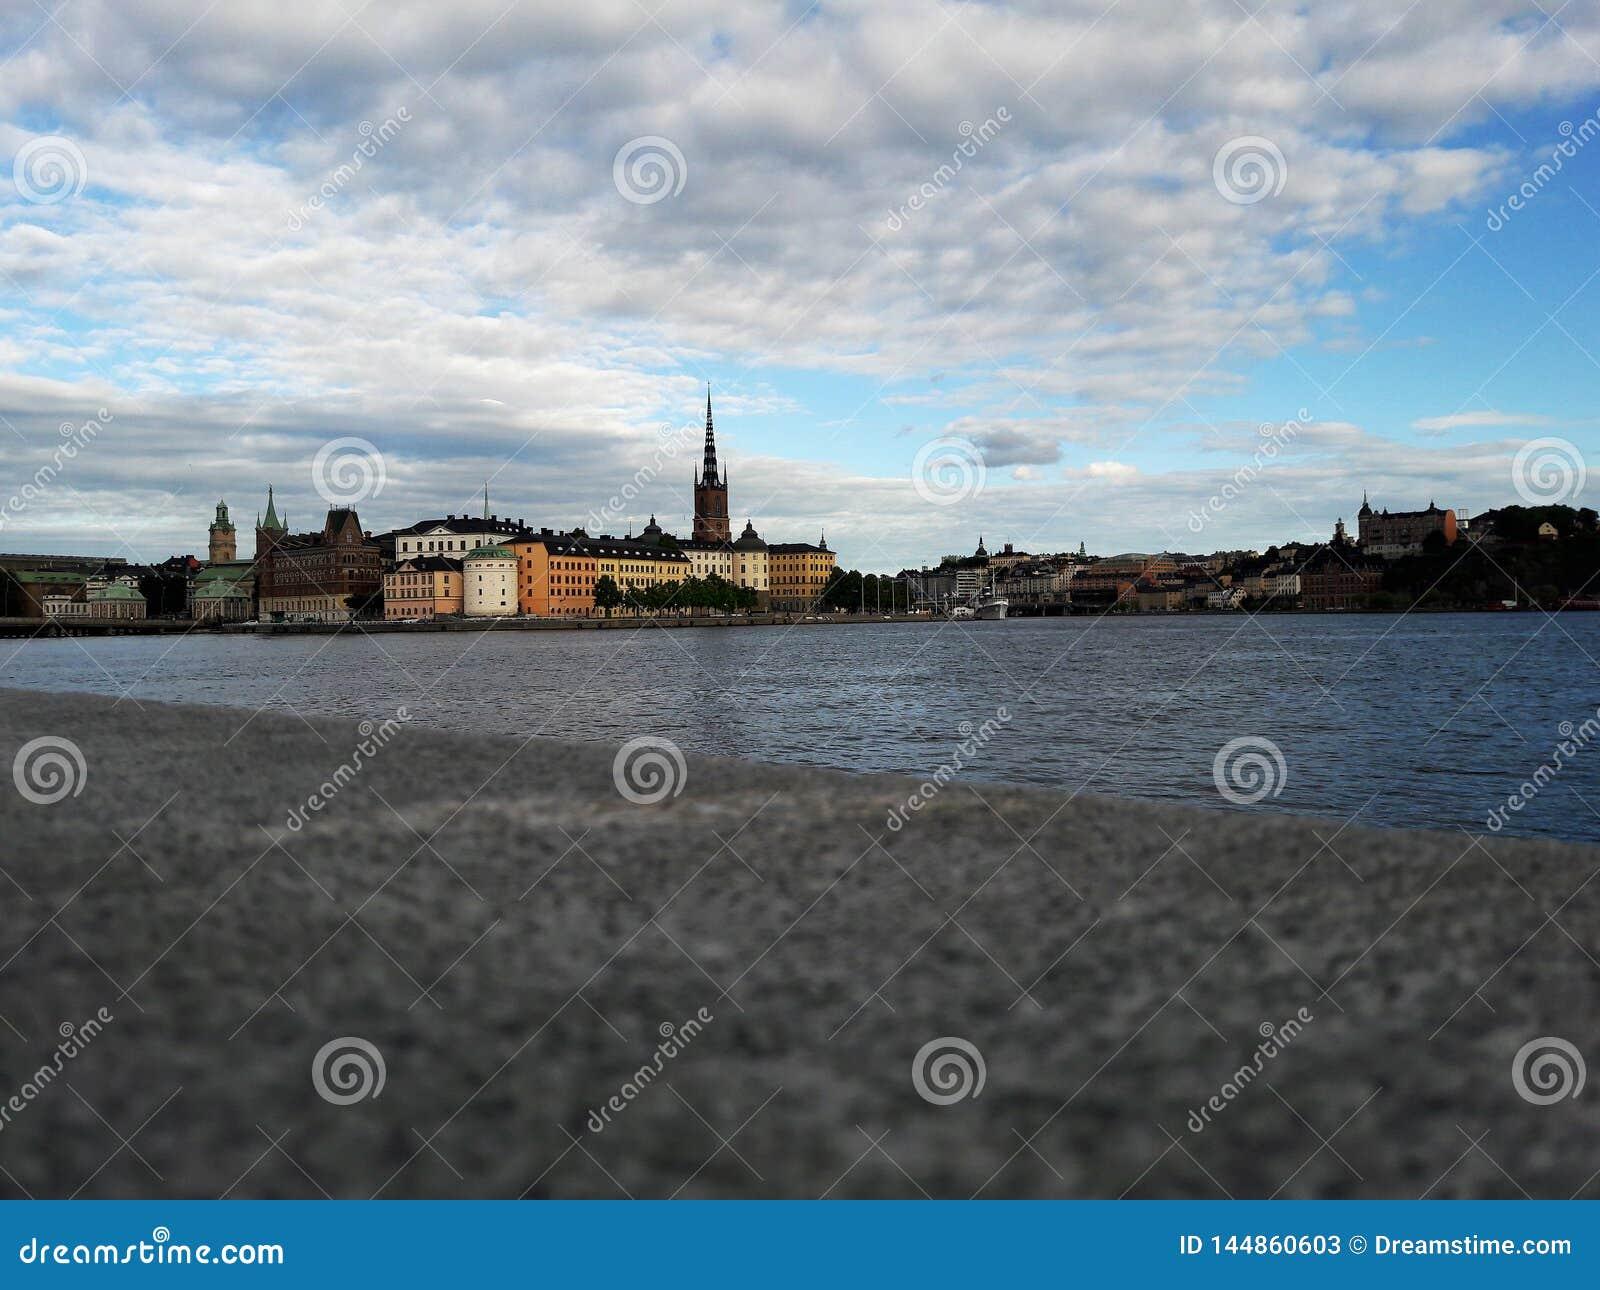 Άποψη της historycal παλαιάς πόλης της Στοκχόλμης